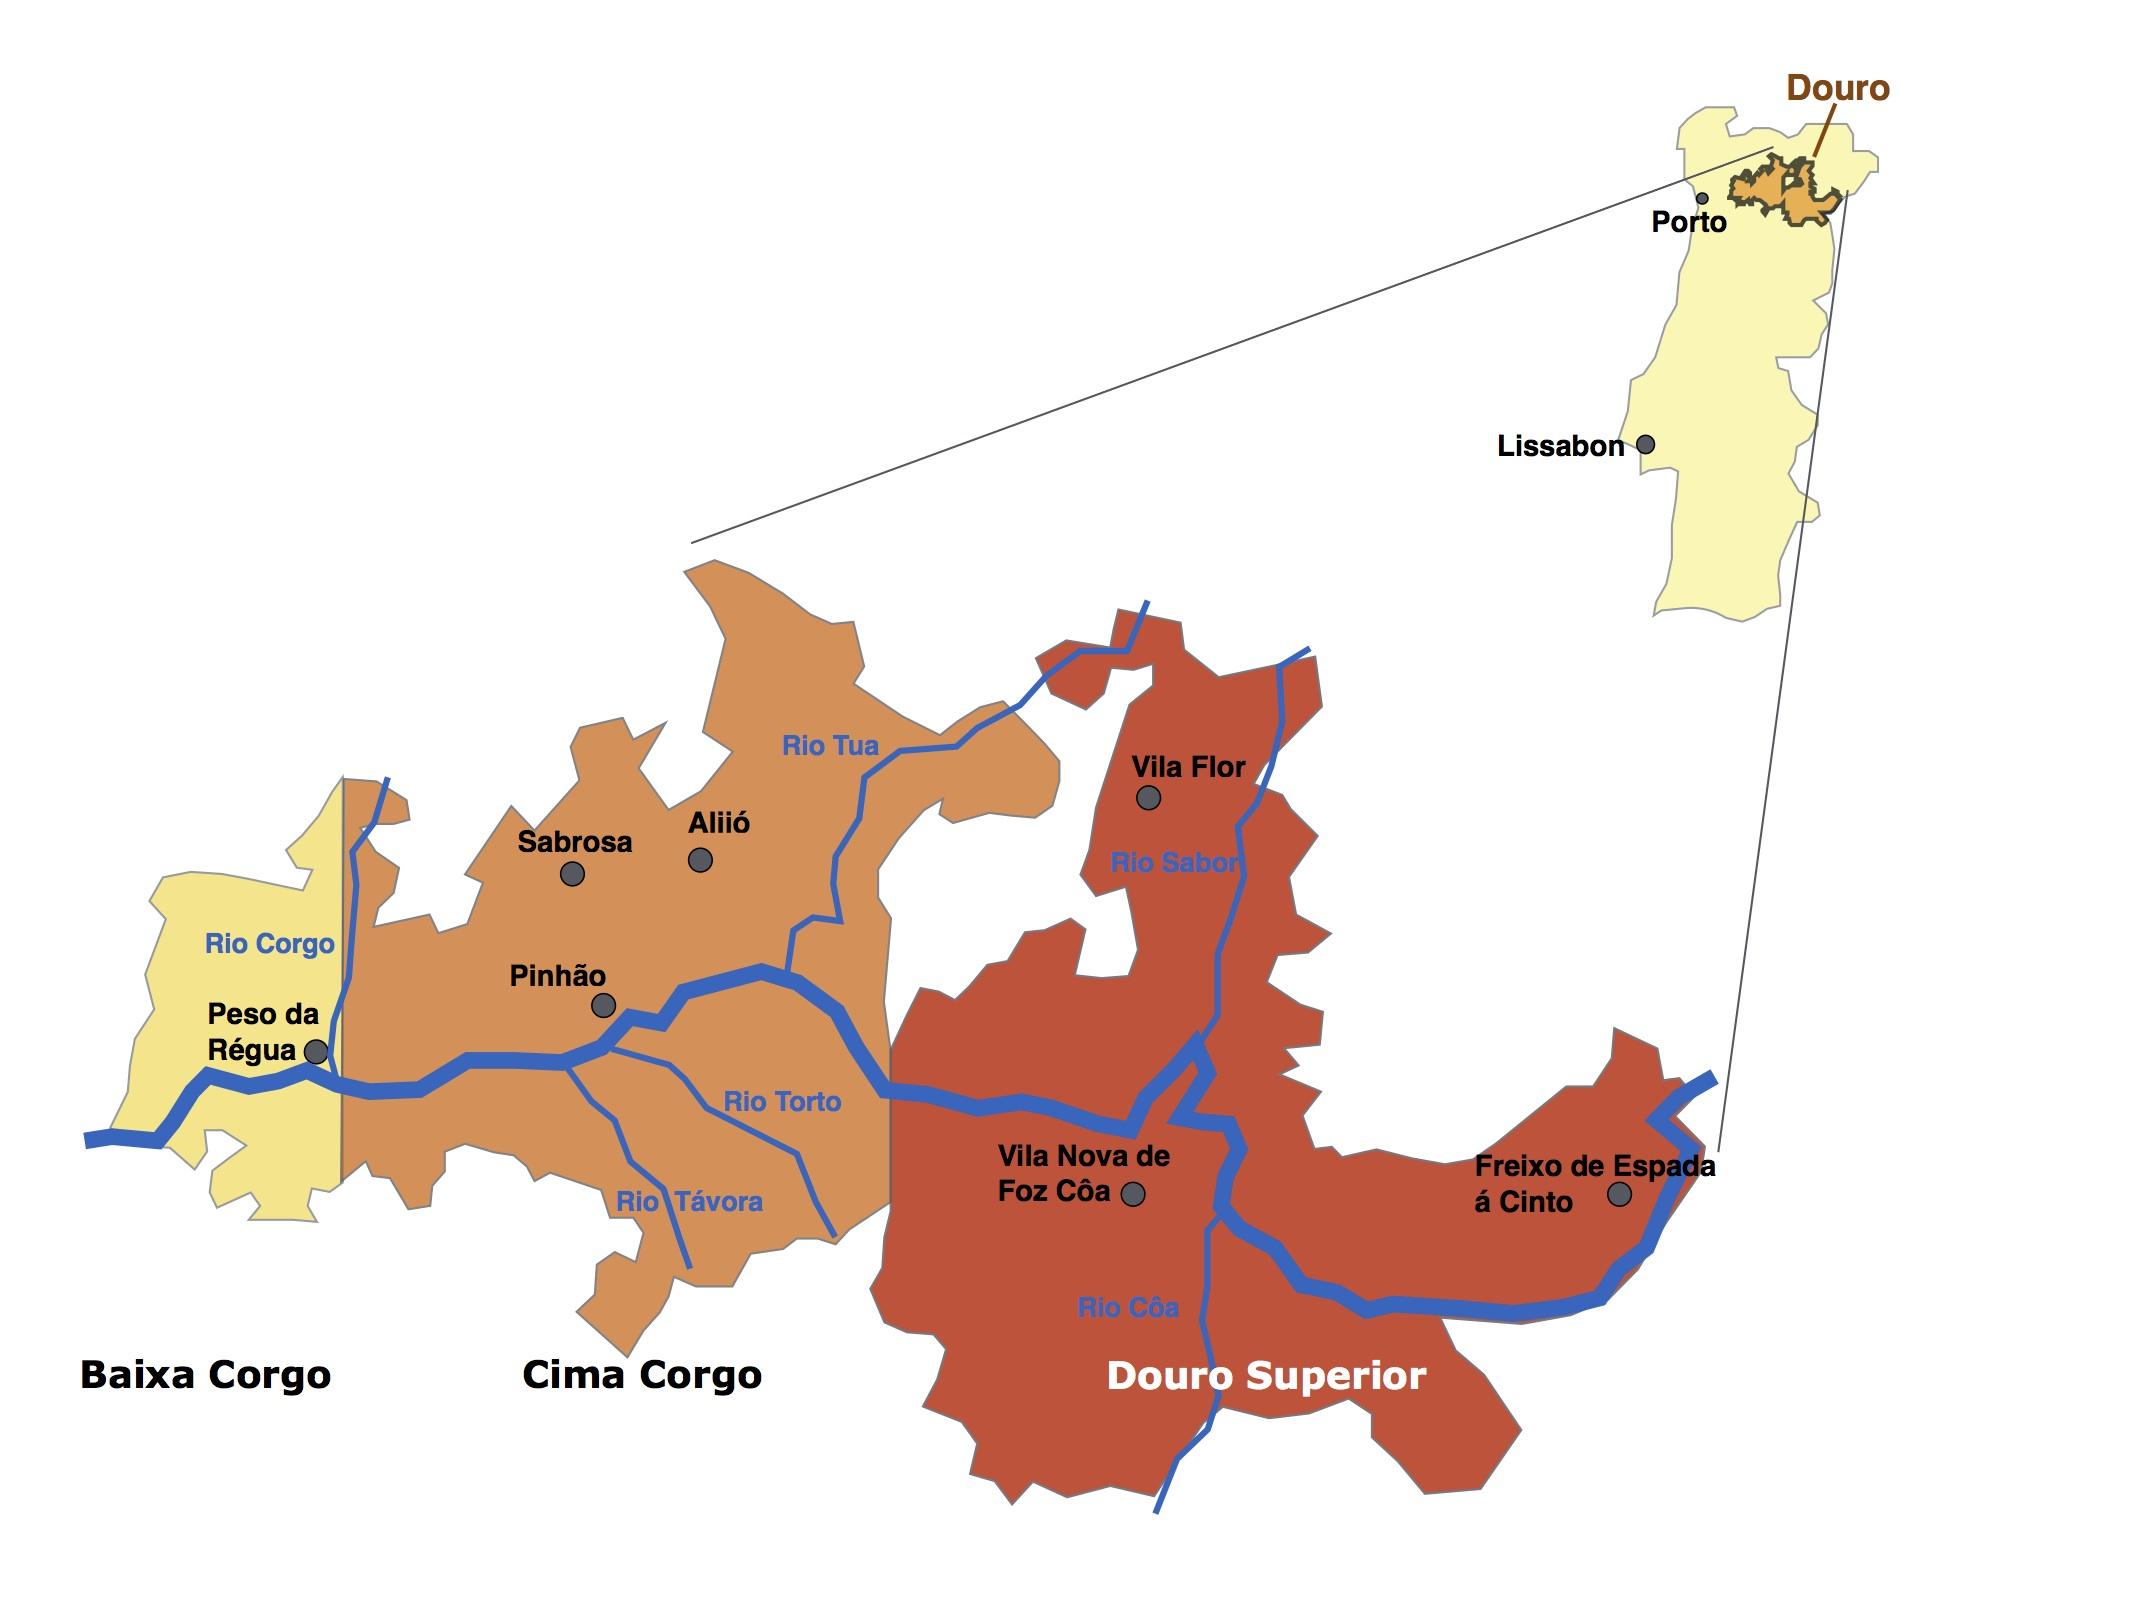 Anbaugebiet Portwein Douro Region